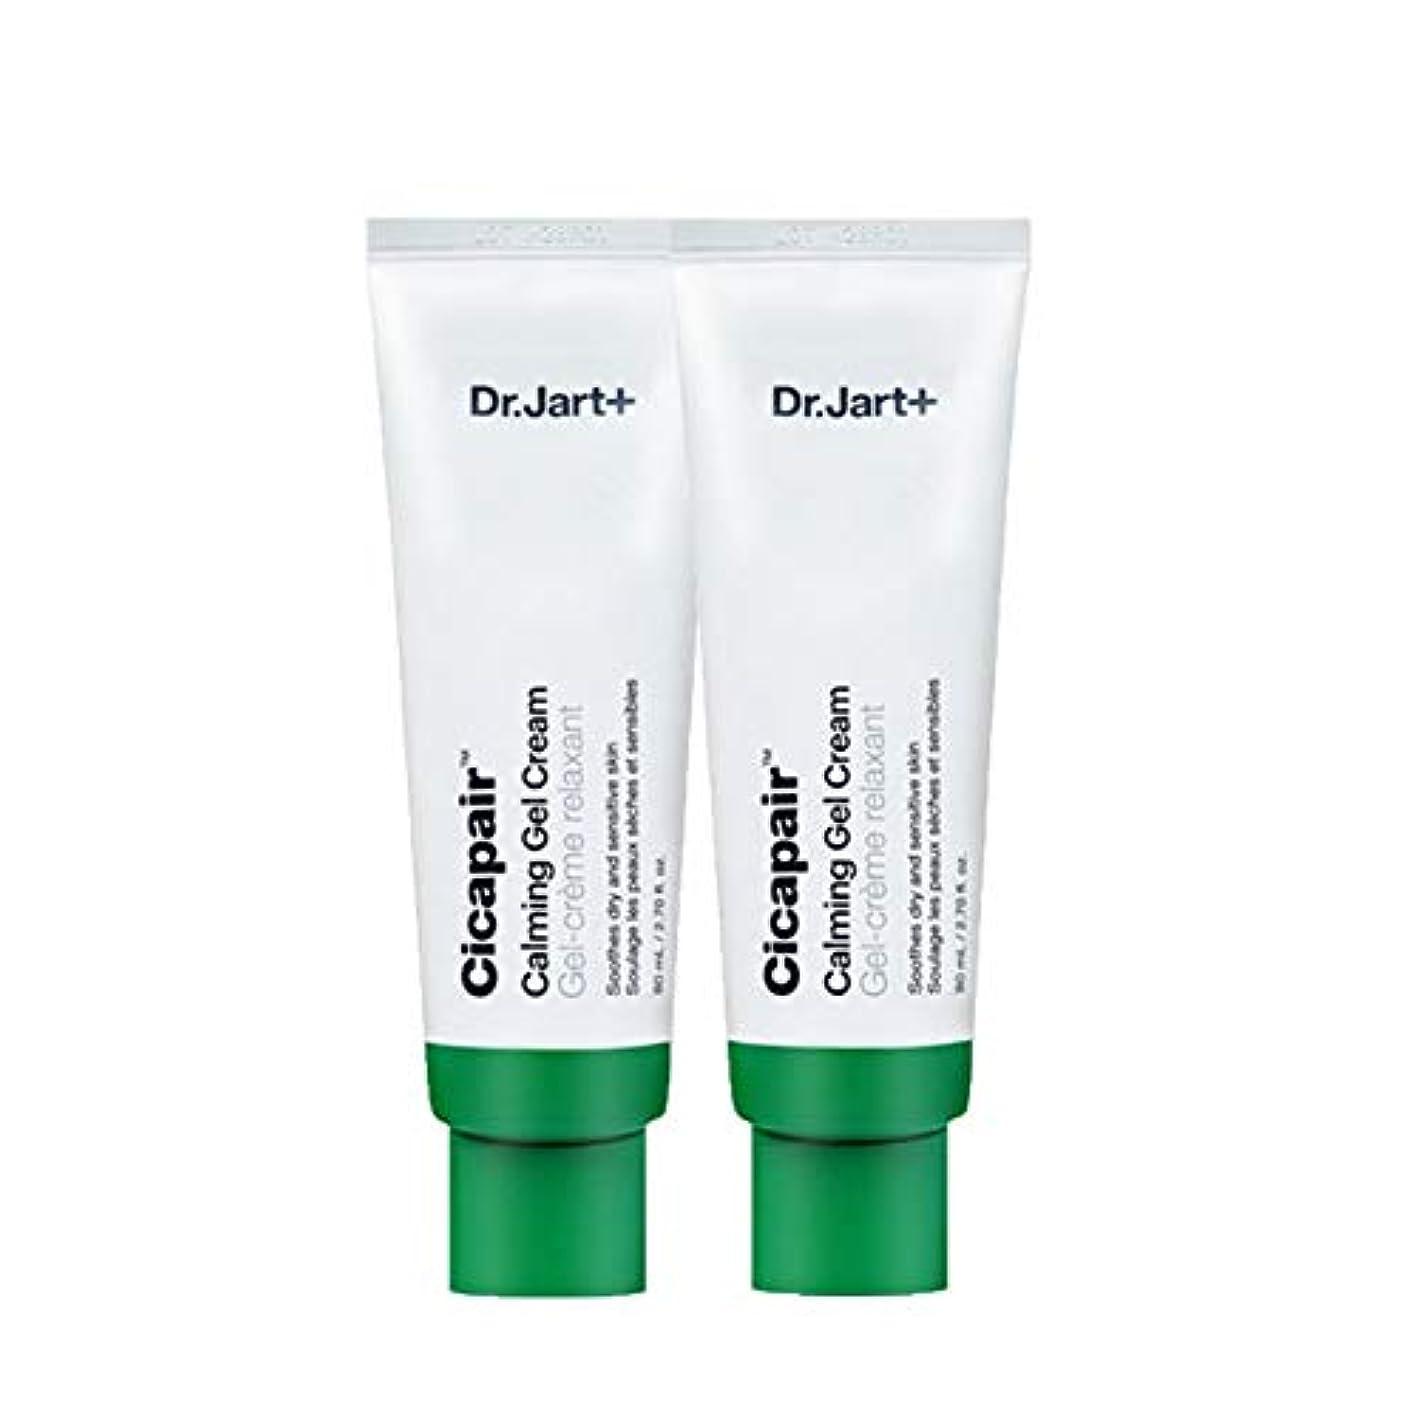 インテリア在庫信条ドクタージャルトゥシカフェアカミングジェルクリーム80mlx2本セットシワ改善韓国コスメ、Dr.Jart Cicapair Calming Gel Cream 80ml x 2ea Set Korean Cosmetics...